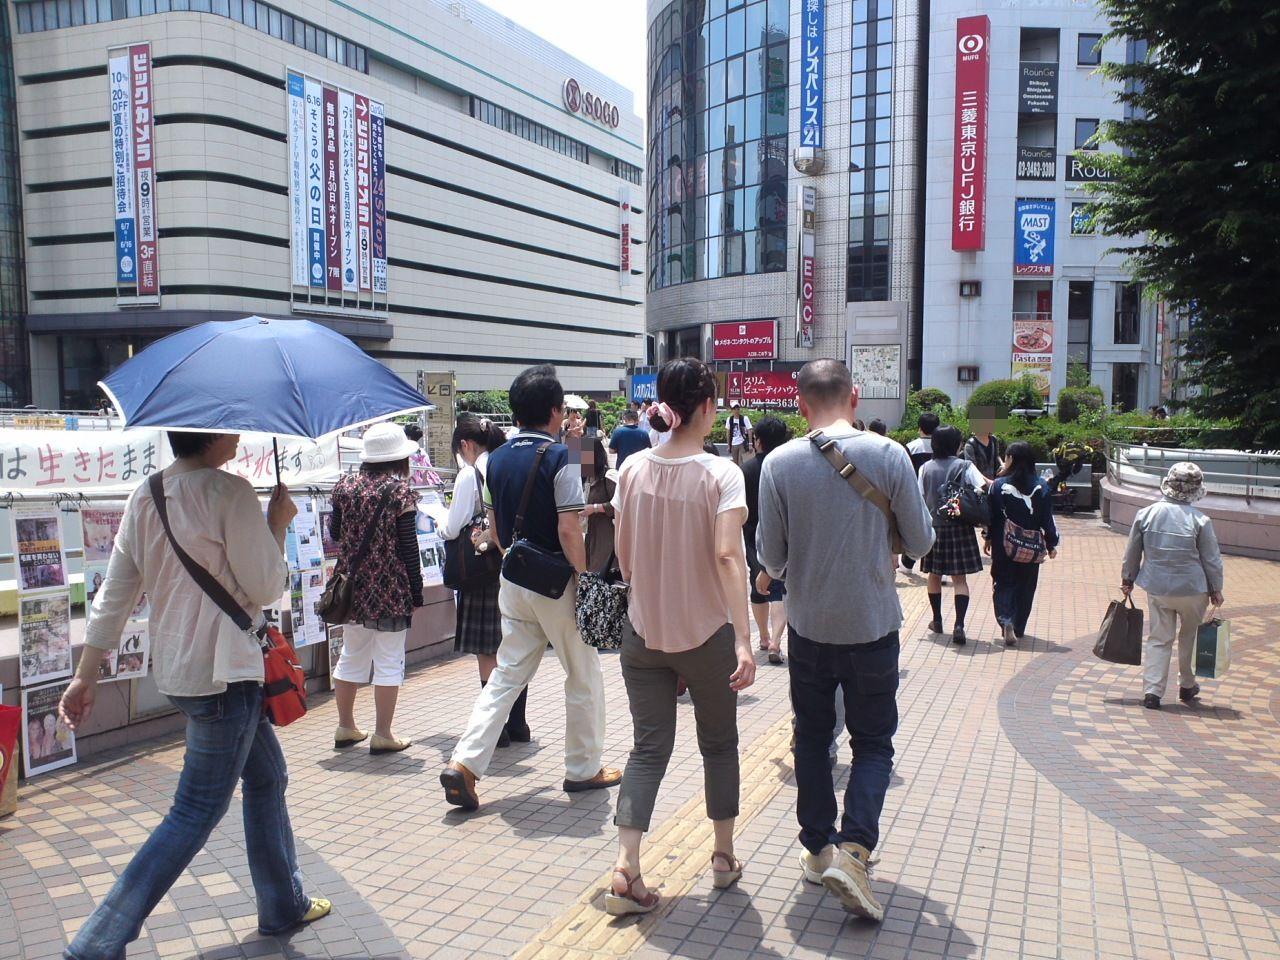 2013JuneOmiya1a.jpg